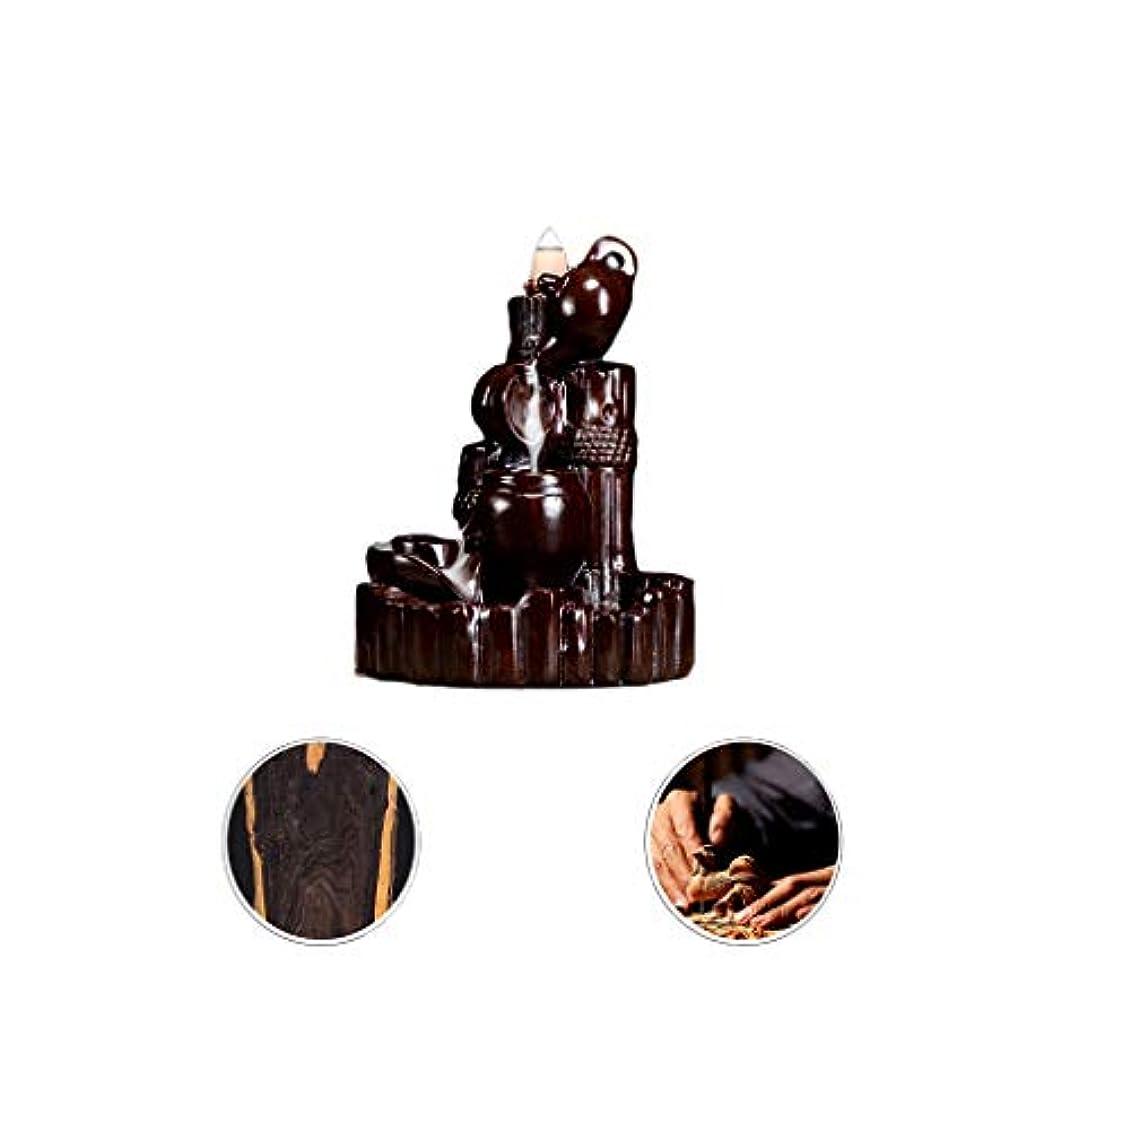 ウィザードアクセシブルギター芳香器?アロマバーナー 逆流香新古典香炉木製黒檀香バーナーアロマテラピー炉 芳香器?アロマバーナー (Color : Black and ebony)